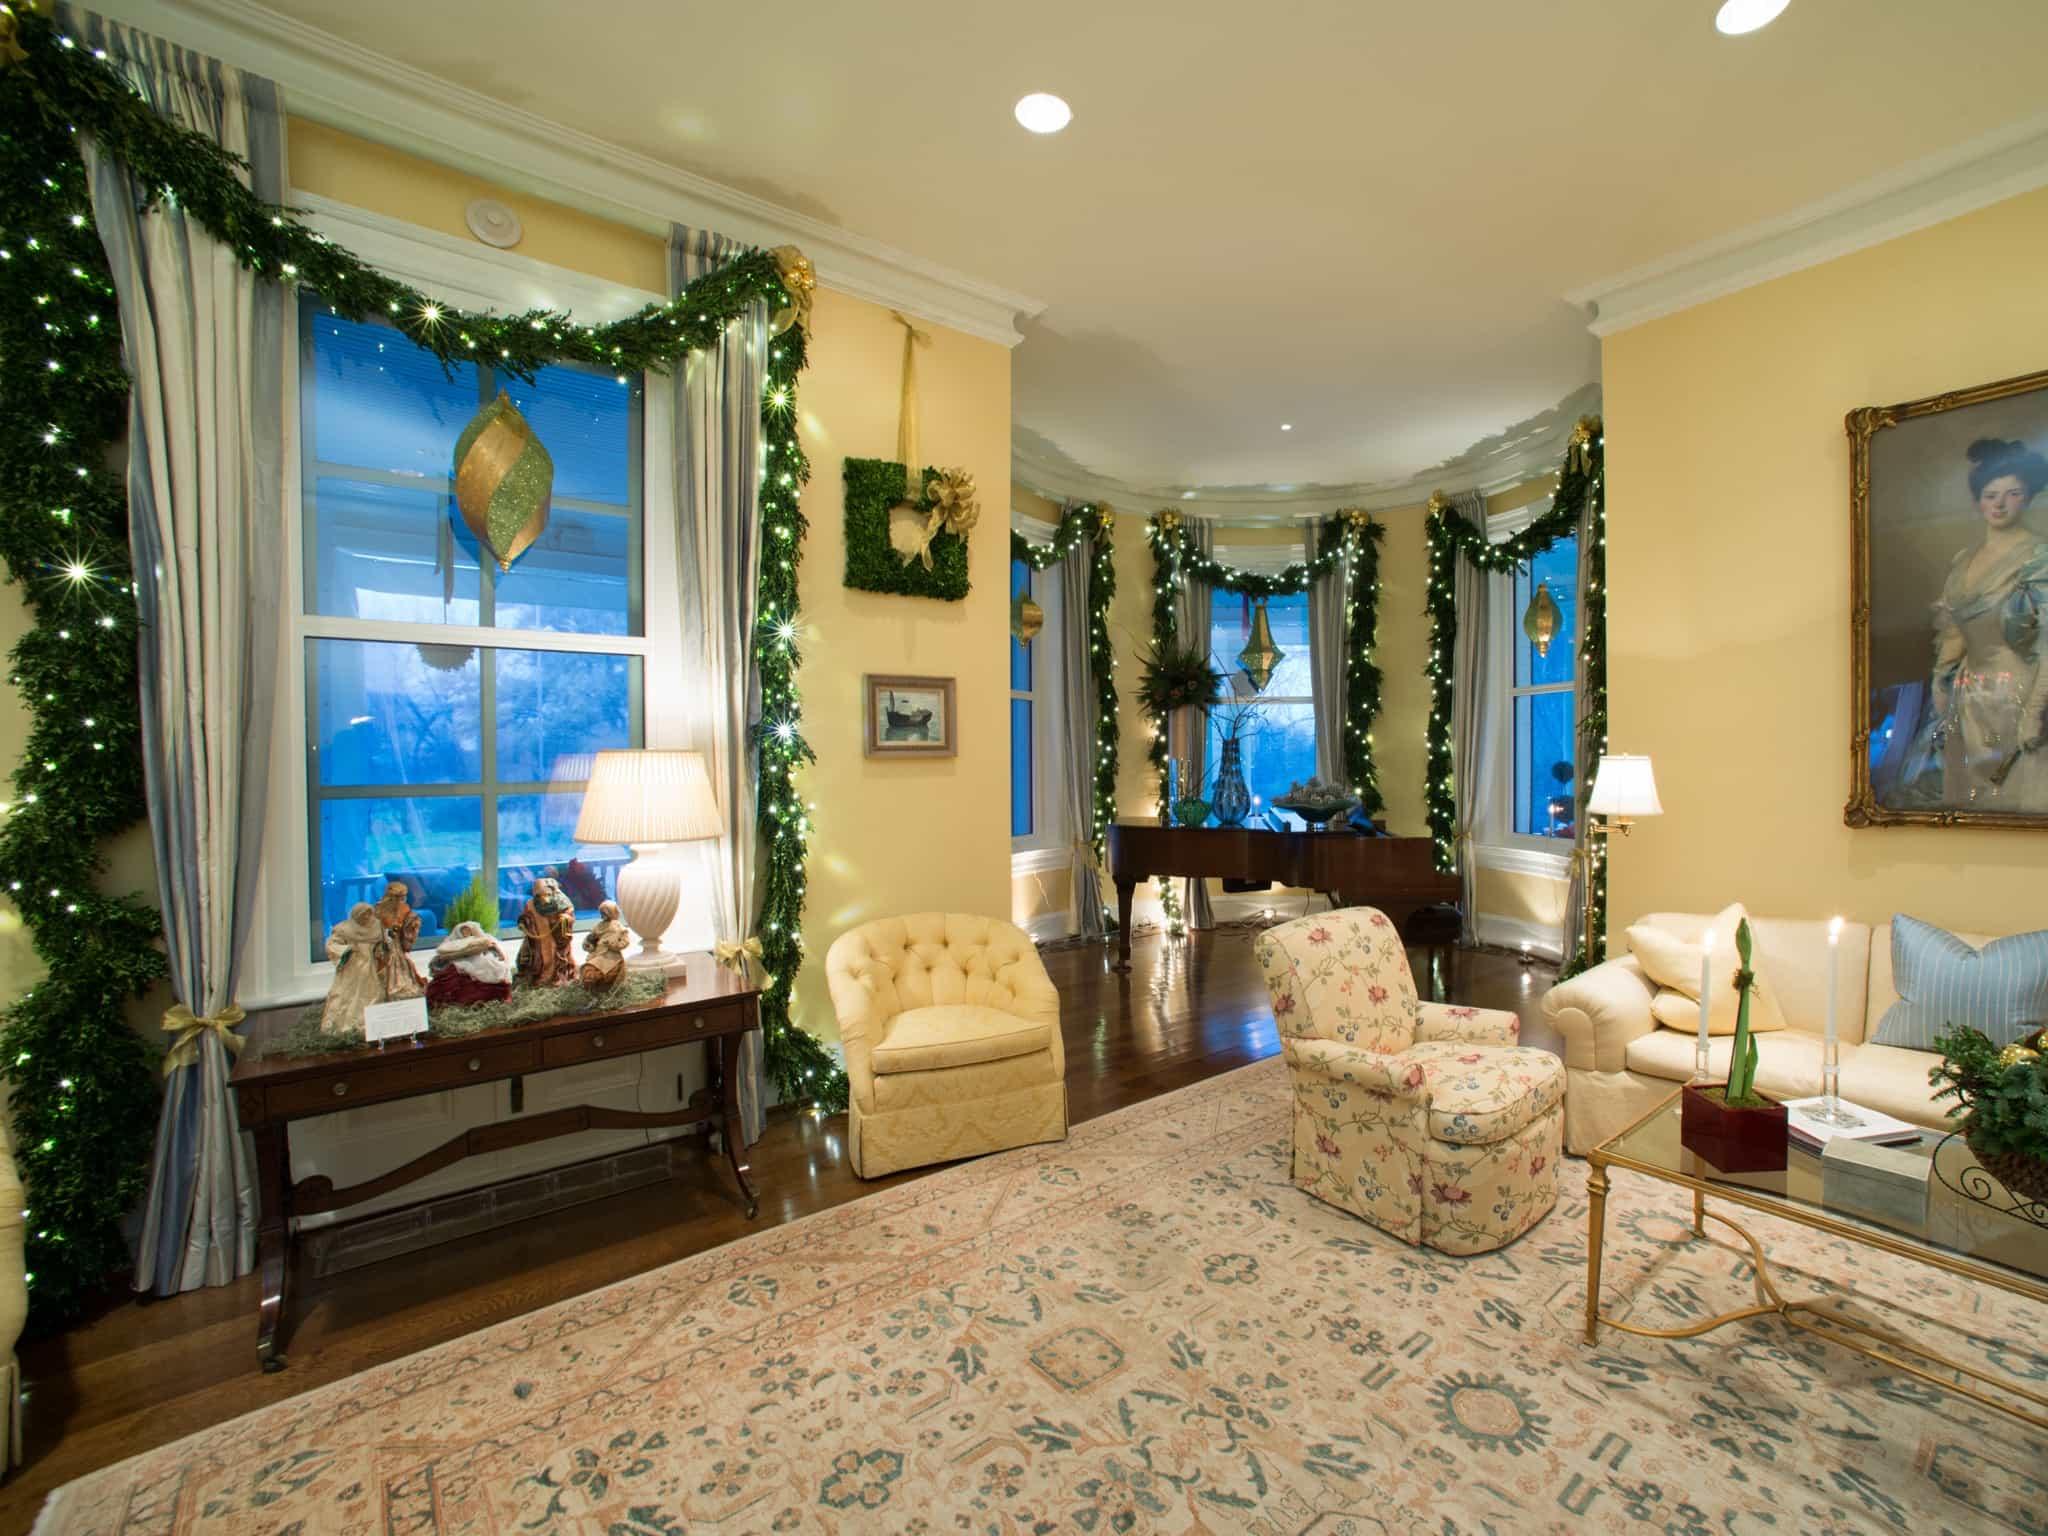 Christmas Valances Window Treatments (Image 5 of 20)